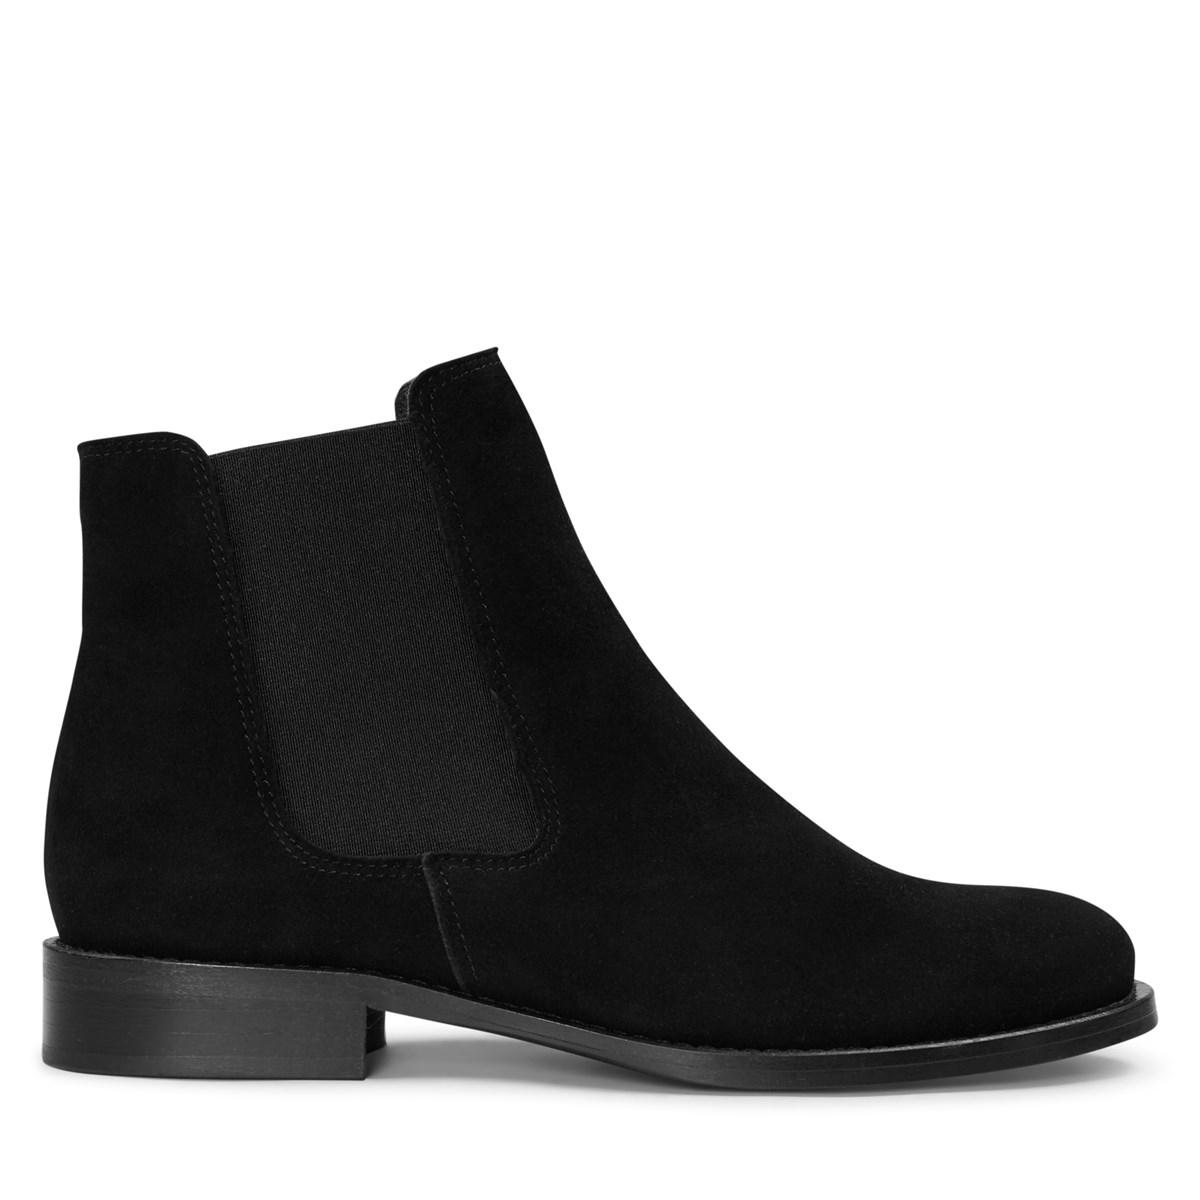 Women's Chloe Boot in Black